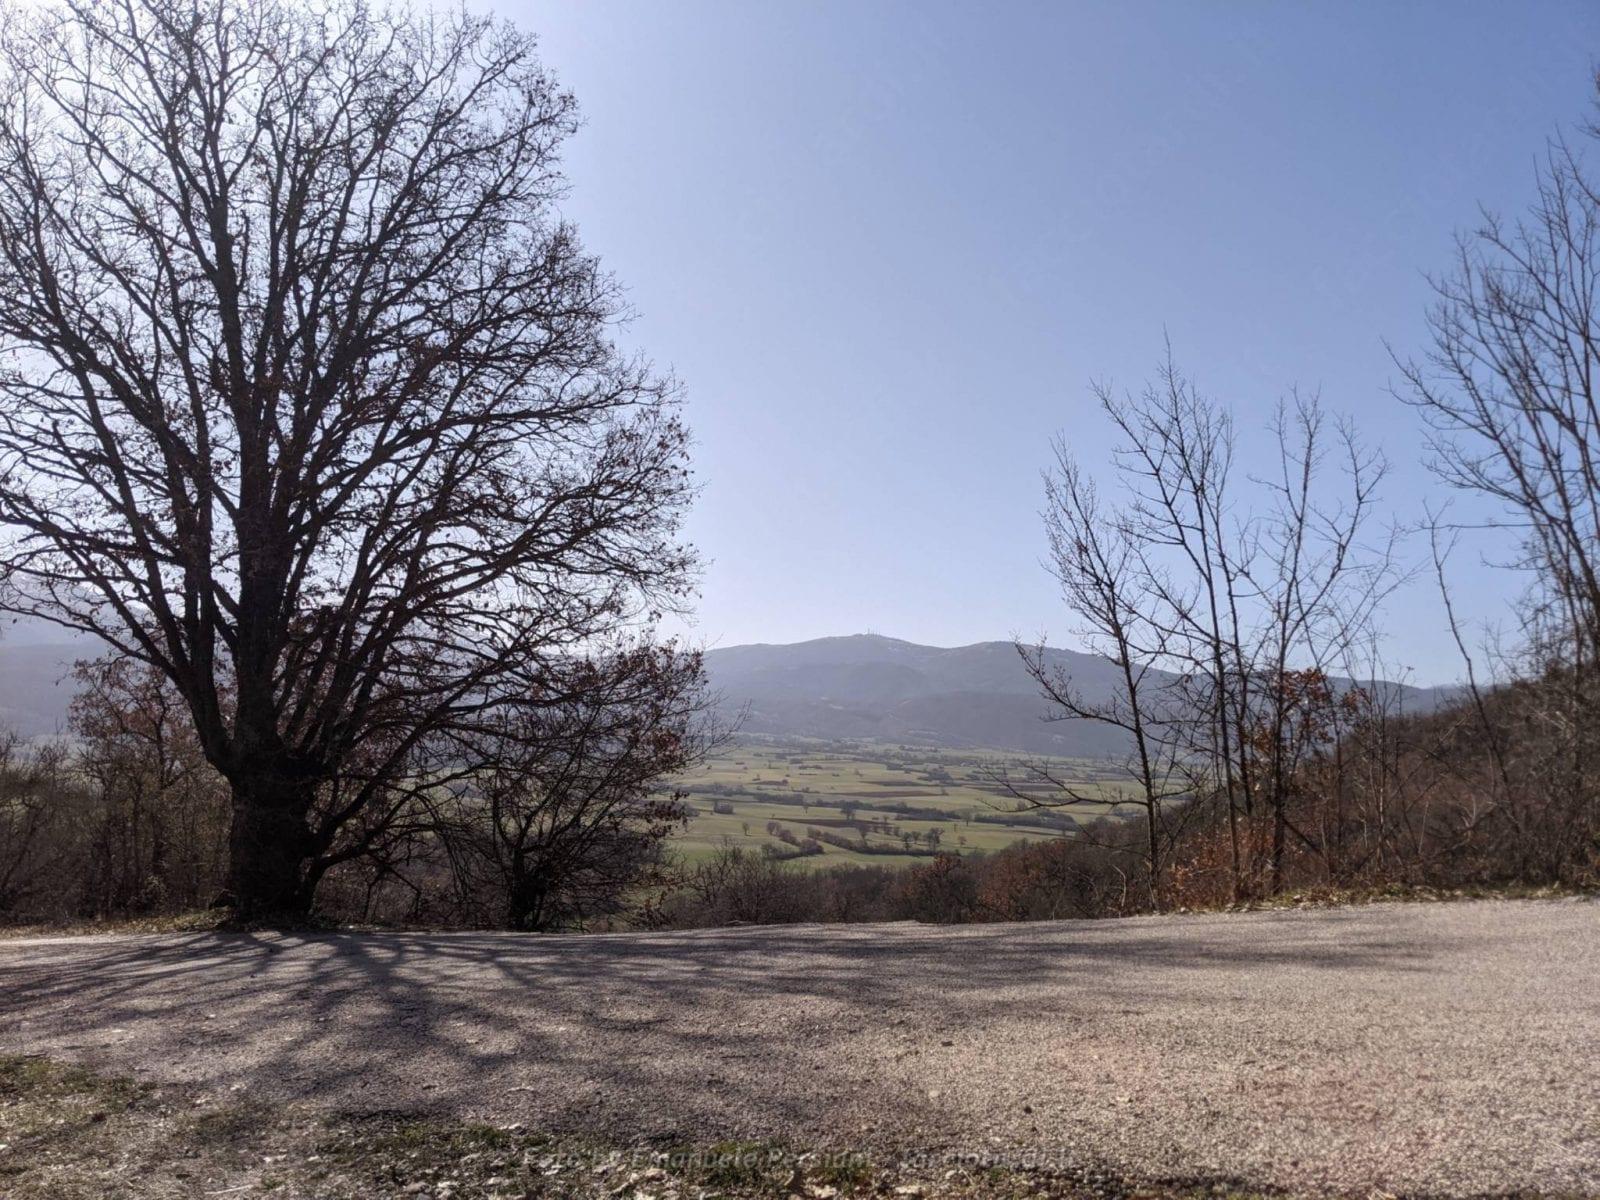 Passeggiata ad anello Valle di Santa Scolastica vicino San Pellegrino